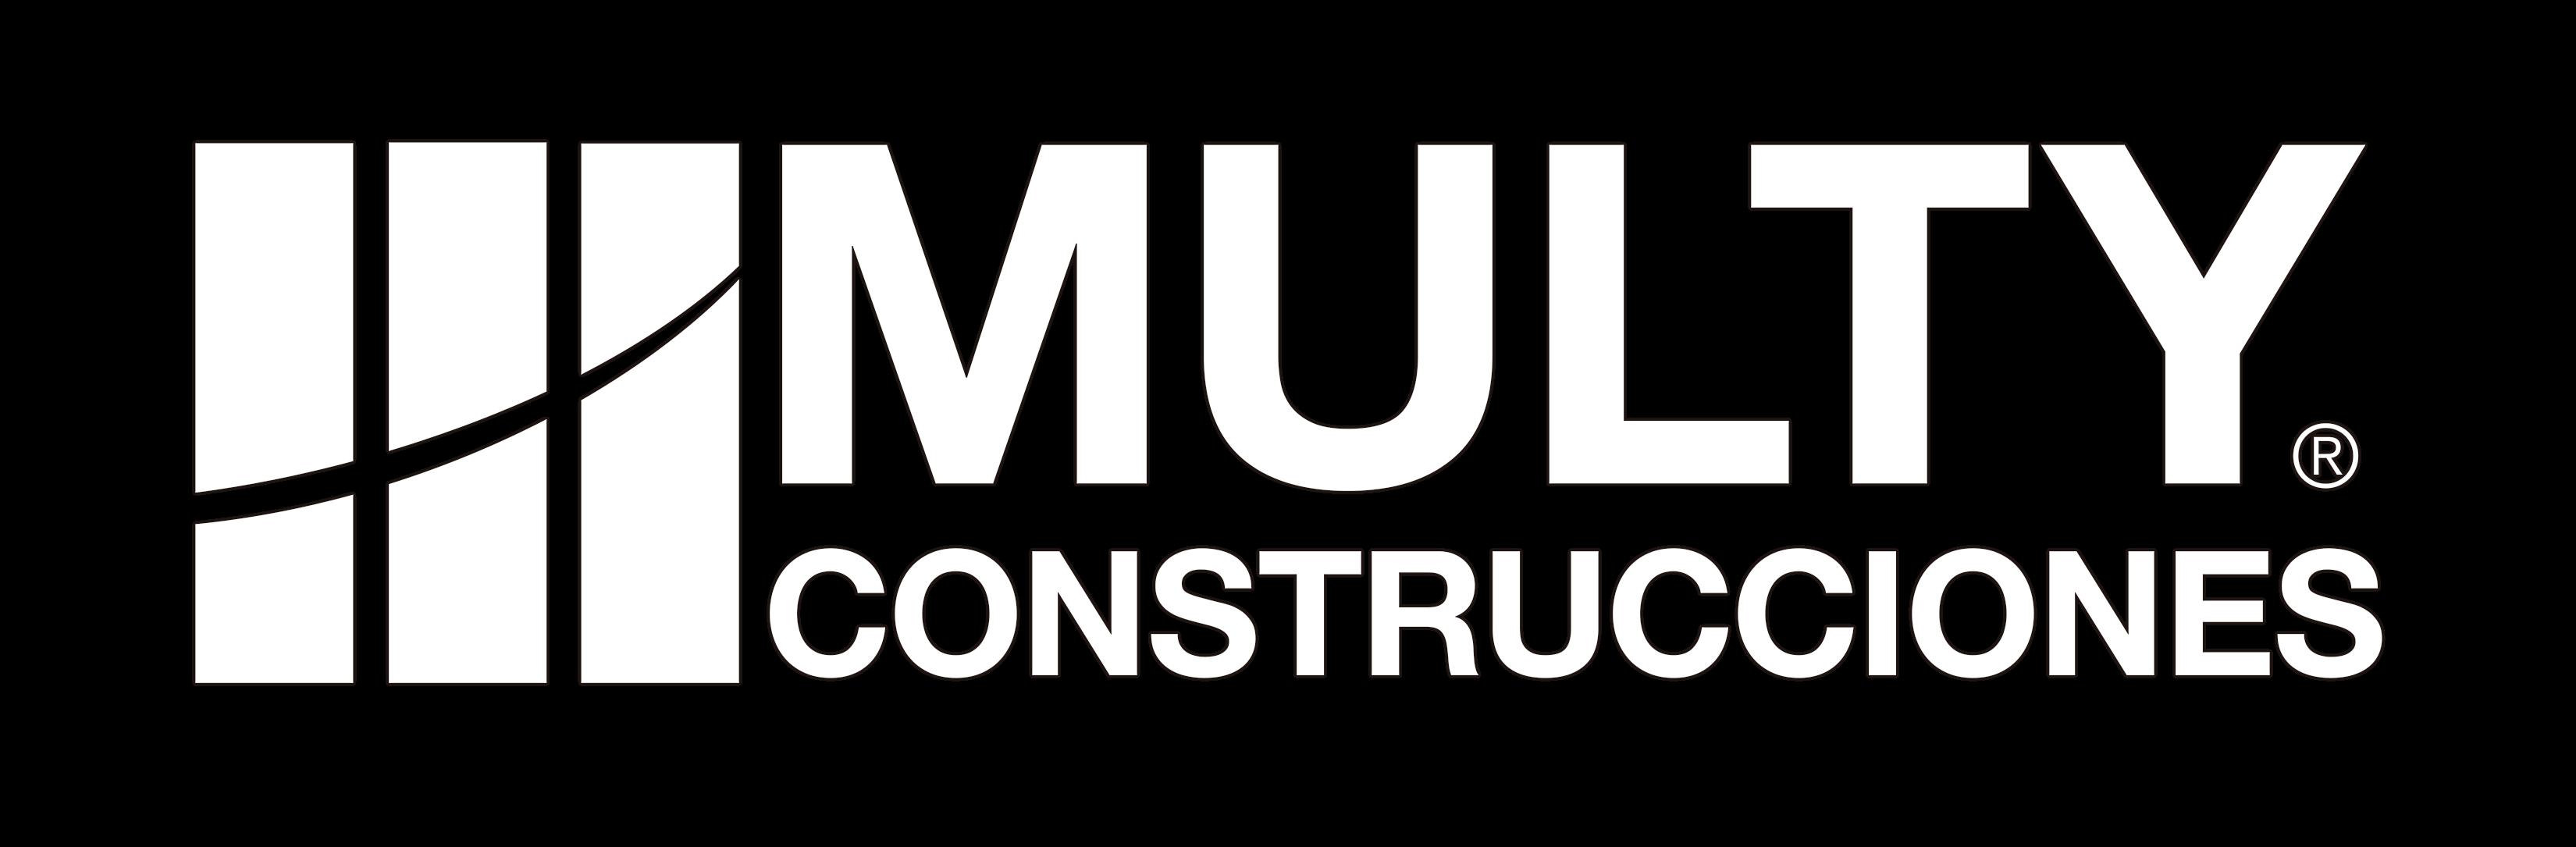 MULTYCONSTRUCCIONES